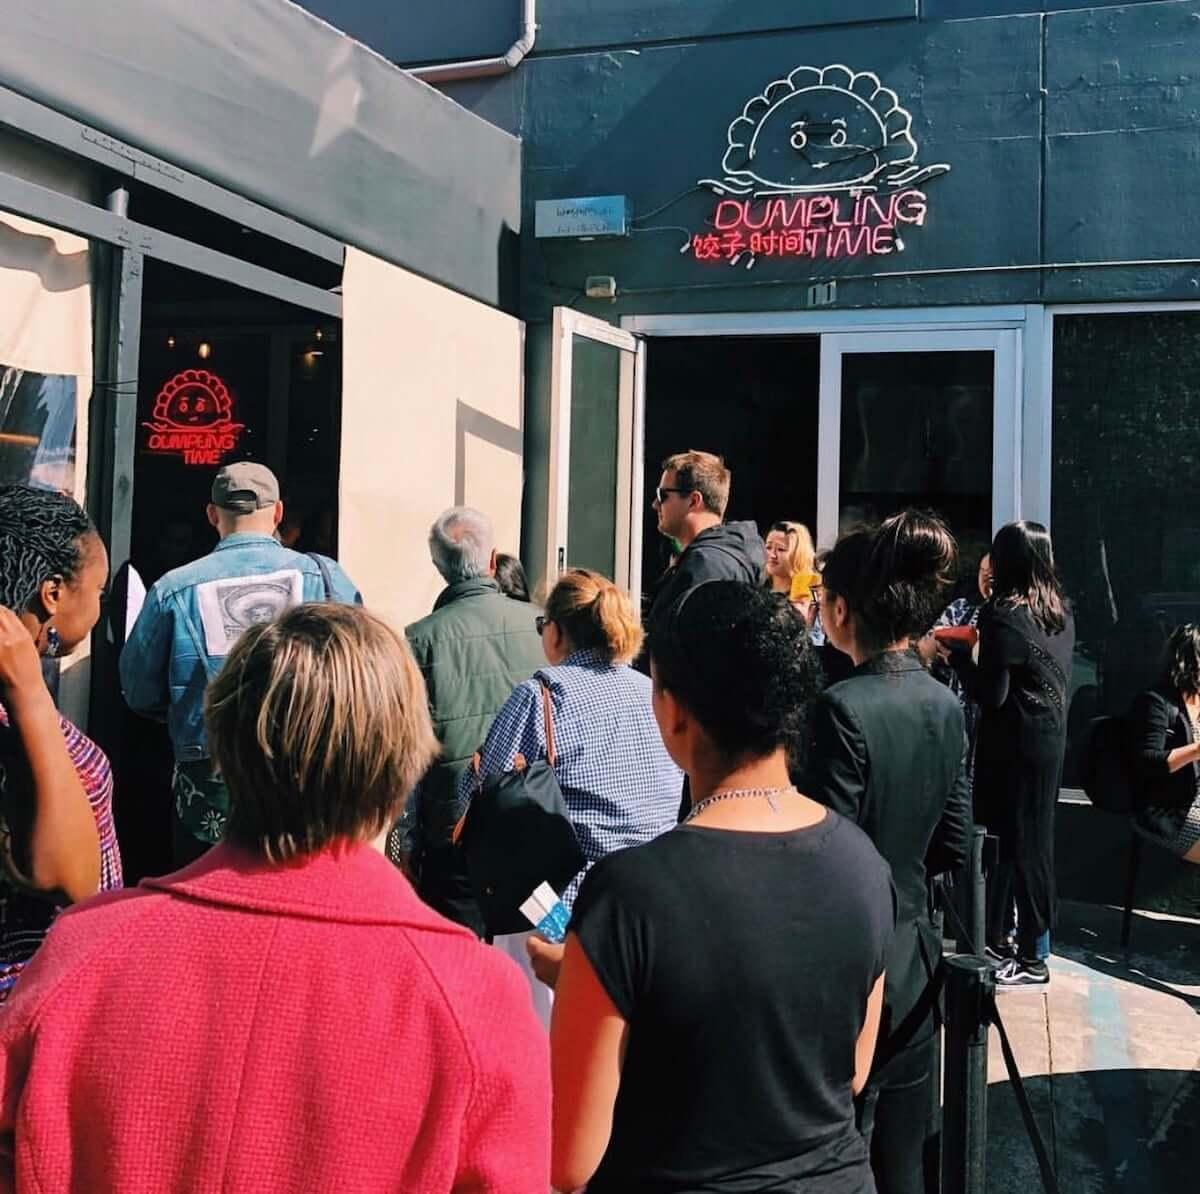 サンフランシスコ発の点心レストラン「ダンプリングタイム 餃子時間」が日本初上陸 sub9-1200x1194